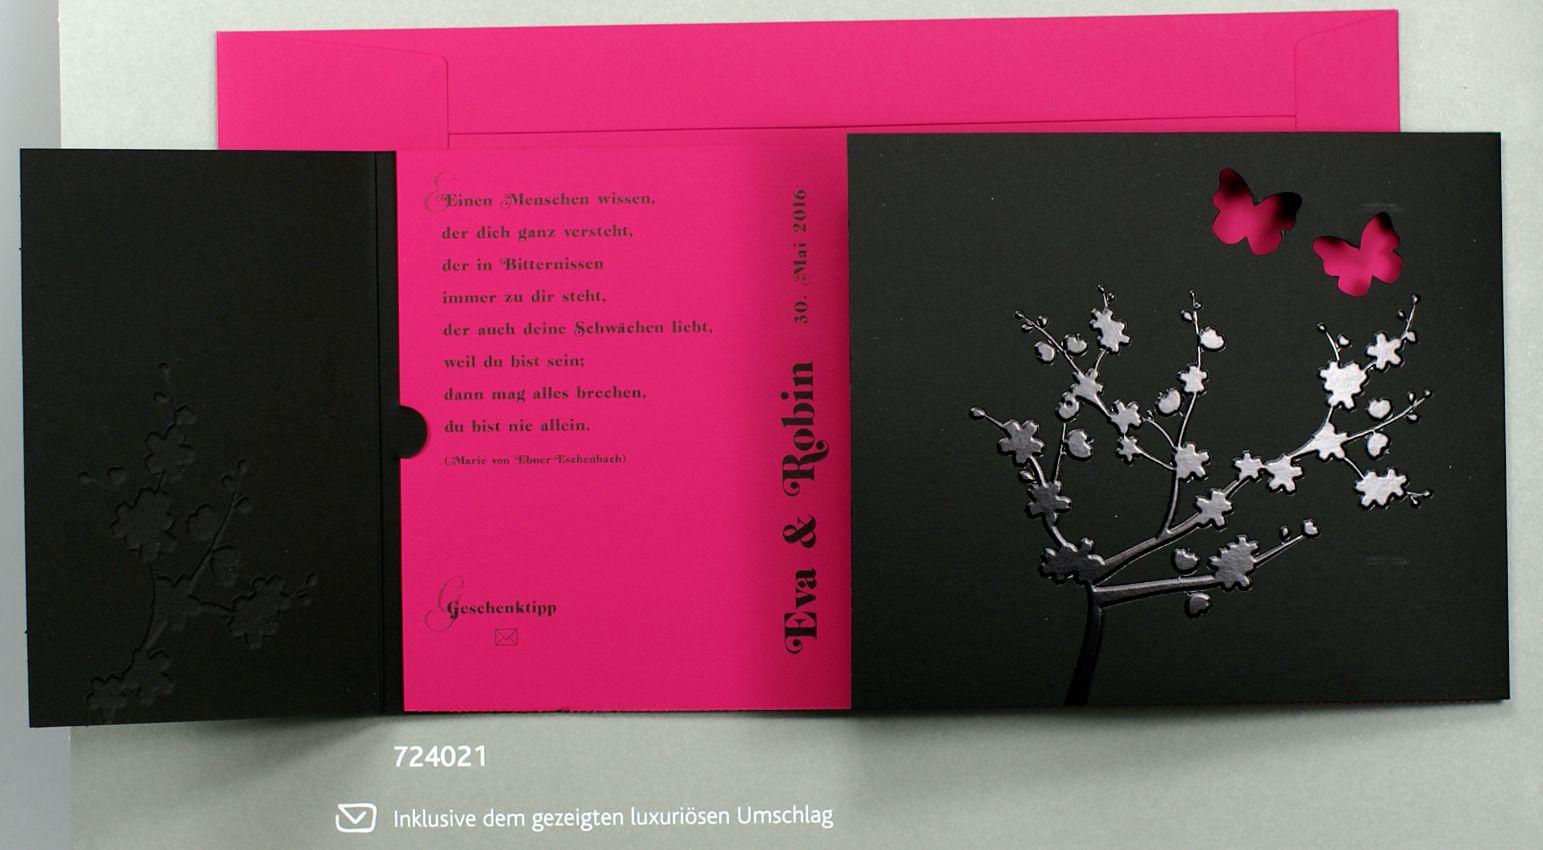 Hochzeitskarte Schwarz Pink Mit Glanzlack Und Schmetterlingen